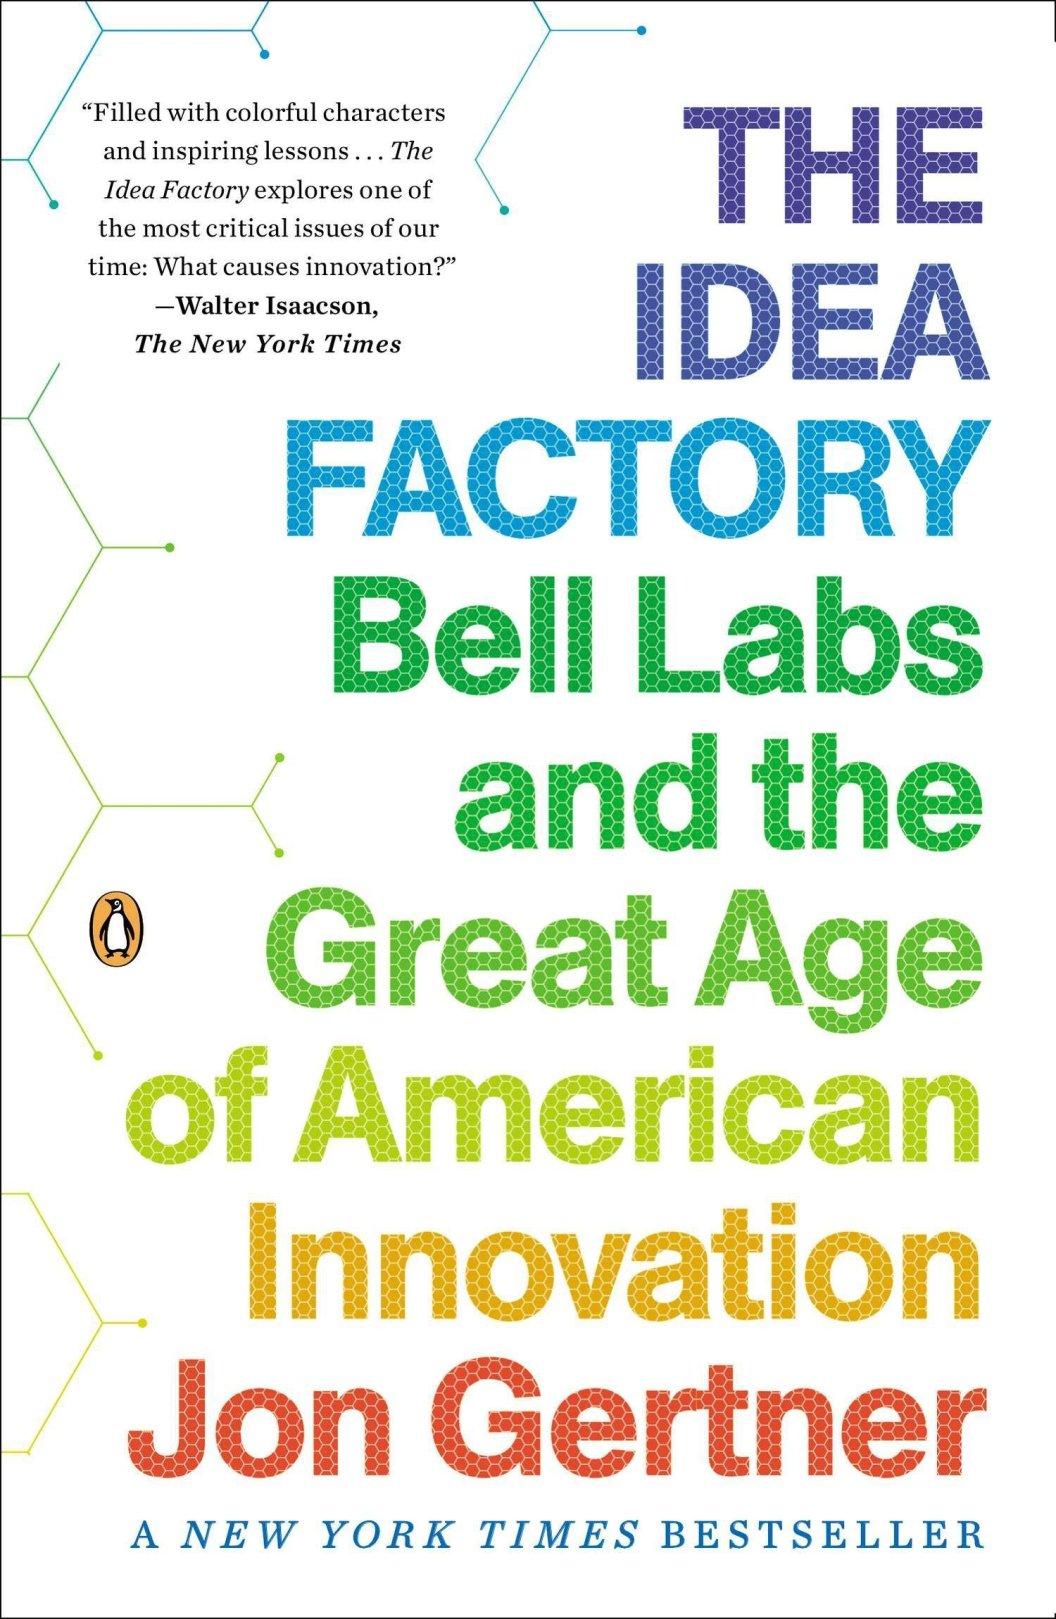 Resultado de imagen para La fábrica de ideas de Jon Gertner